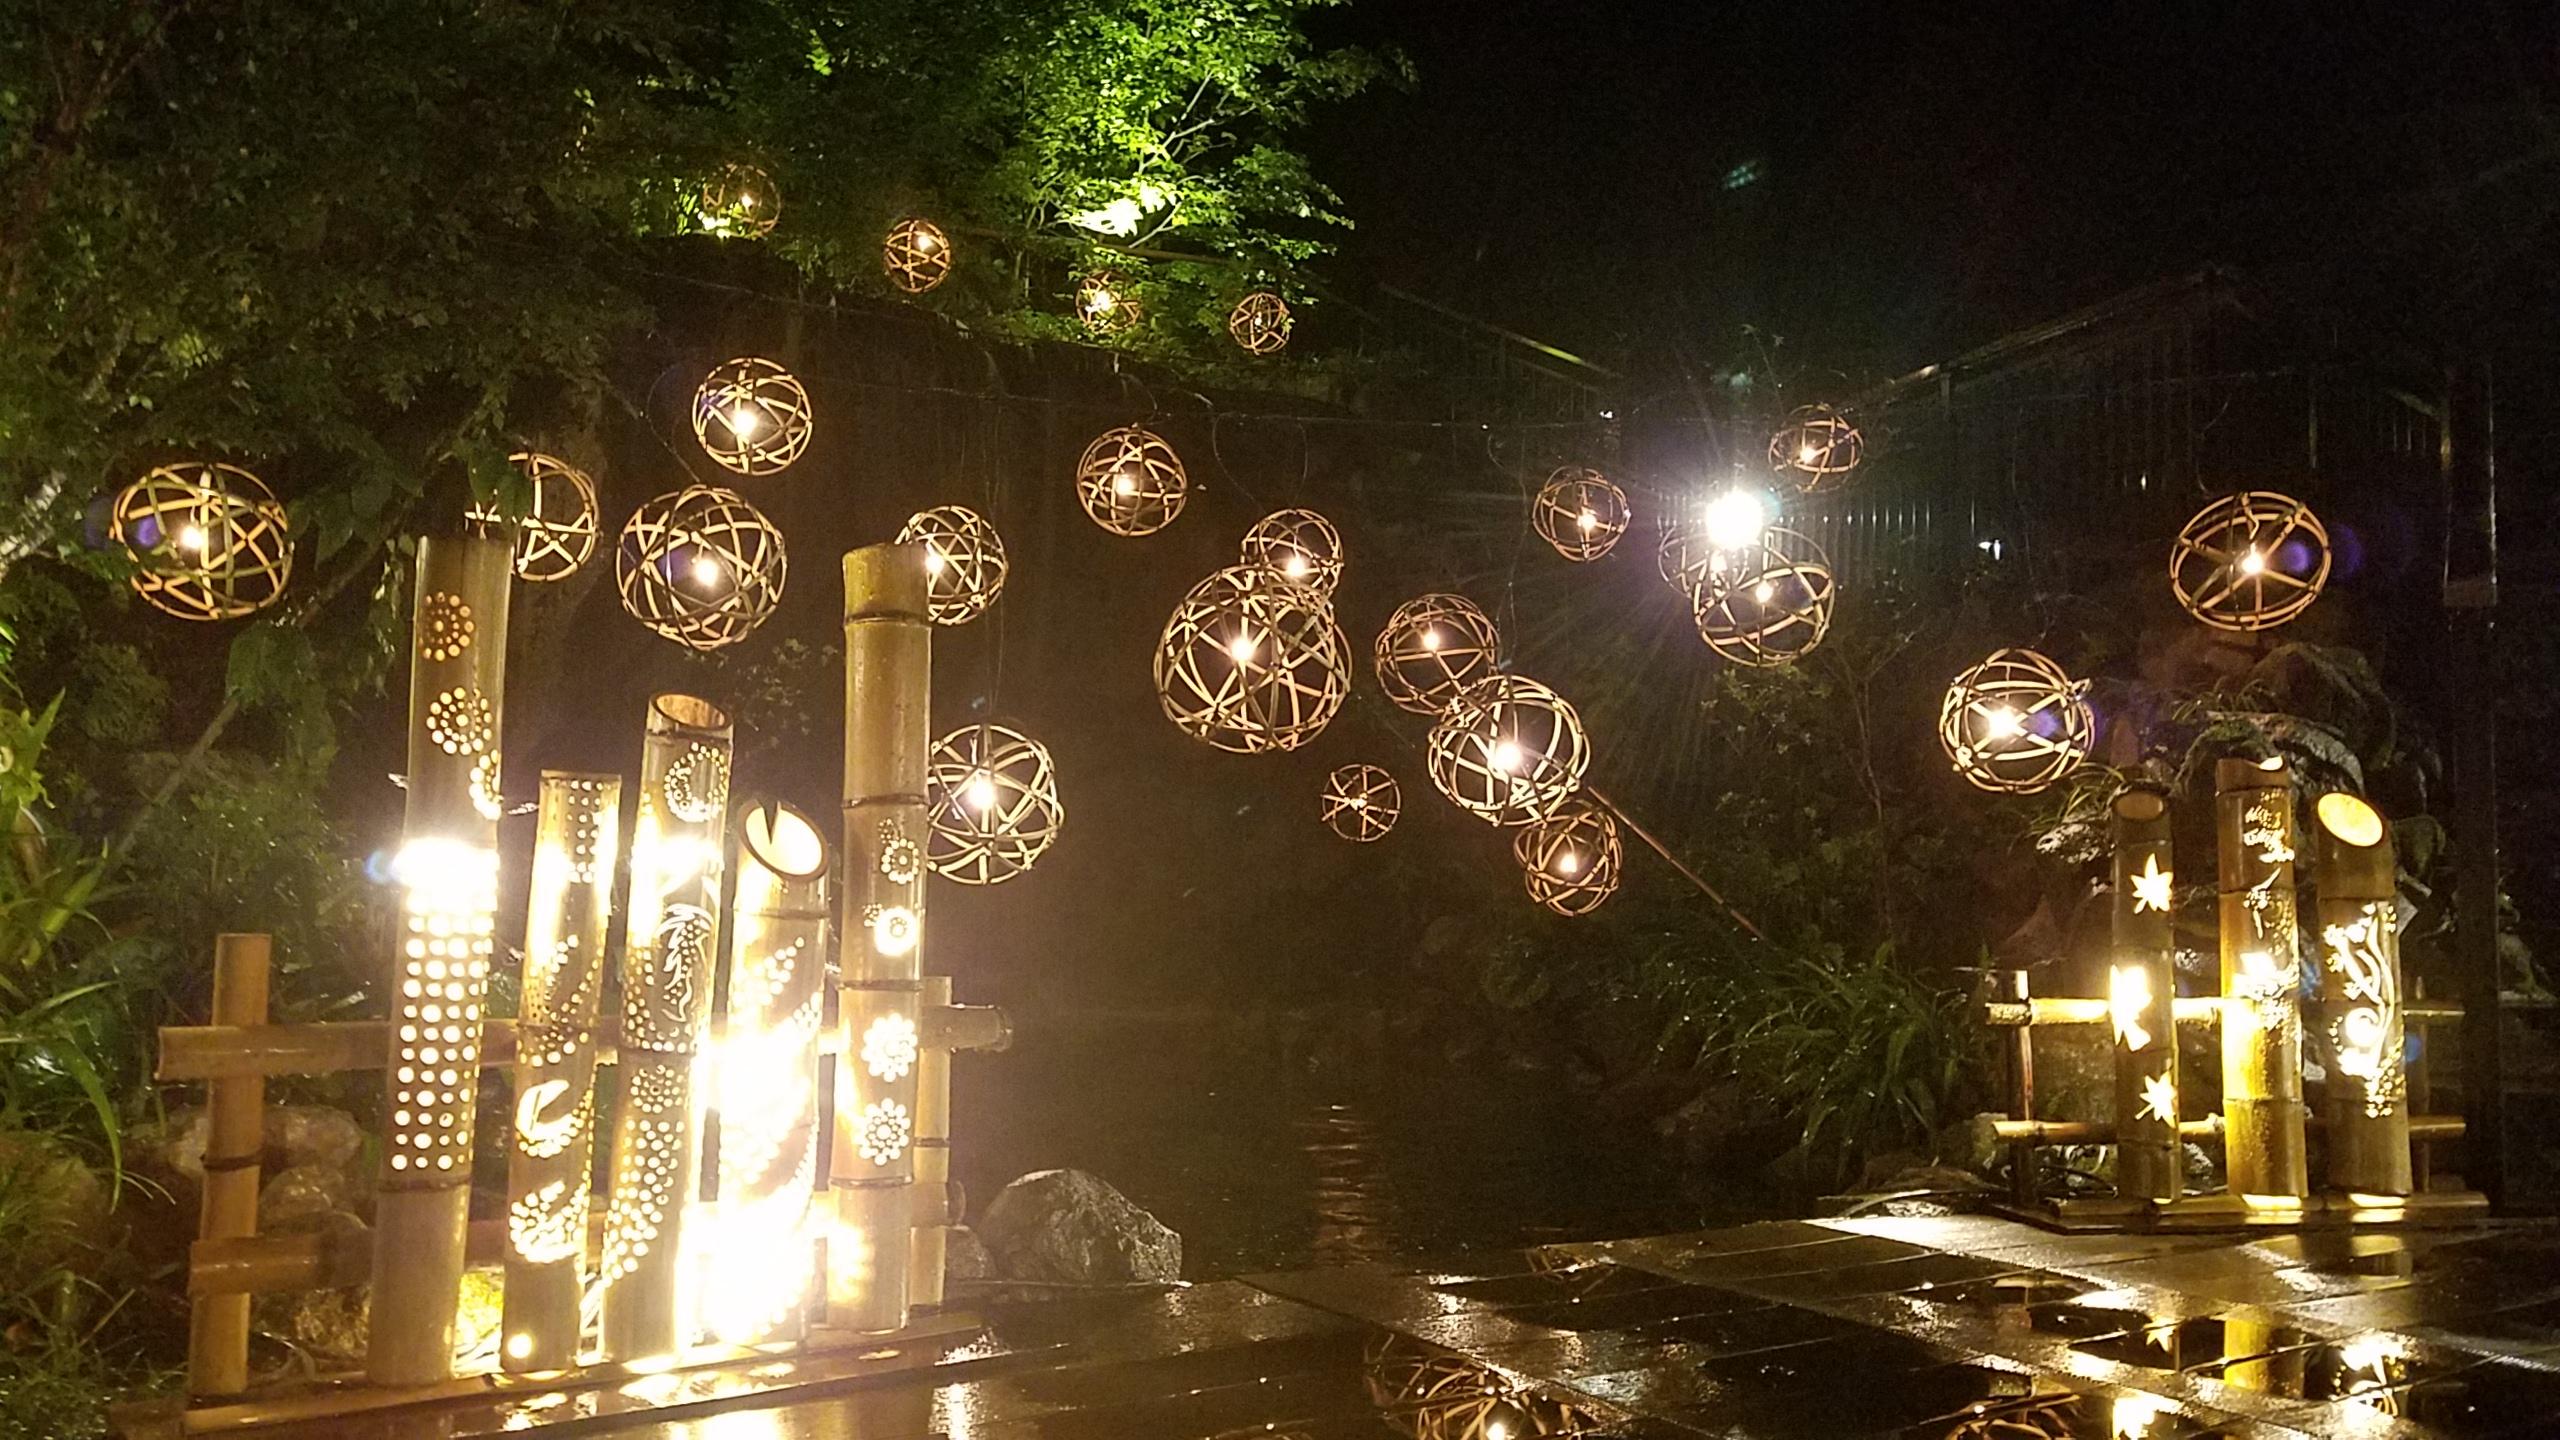 【自然と和のおもてなし】2019天悠の夏竹灯籠の灯りで夕涼み